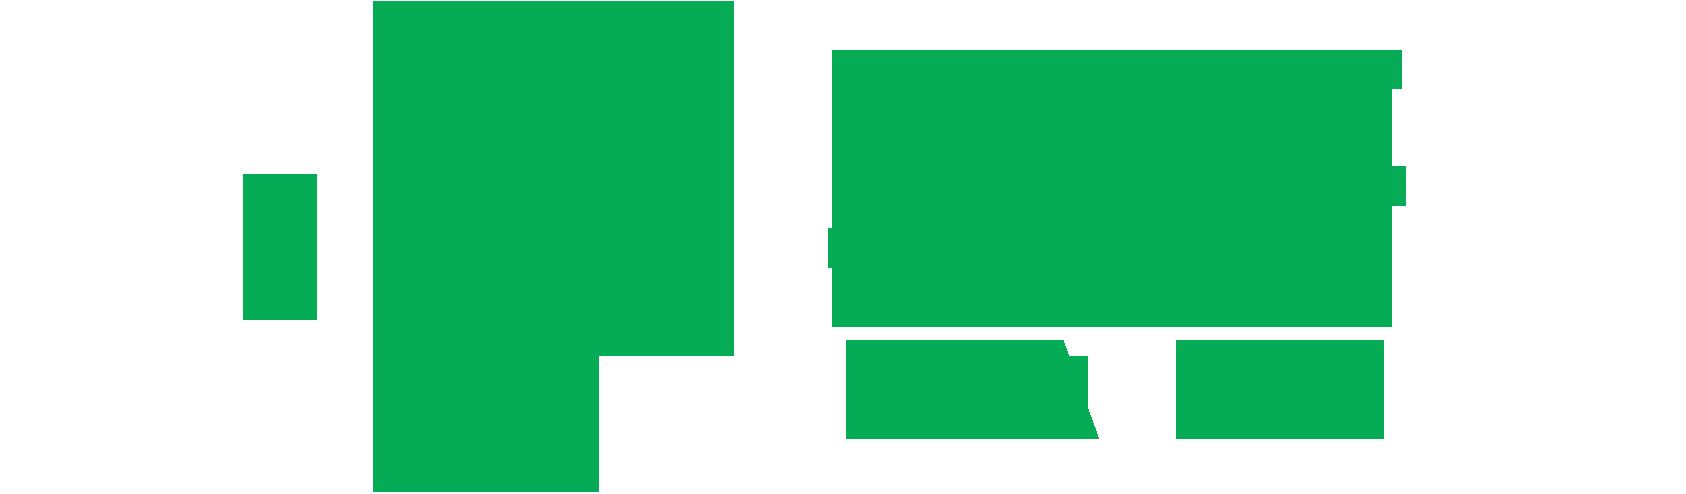 深圳市华敏科技有限公司Logo